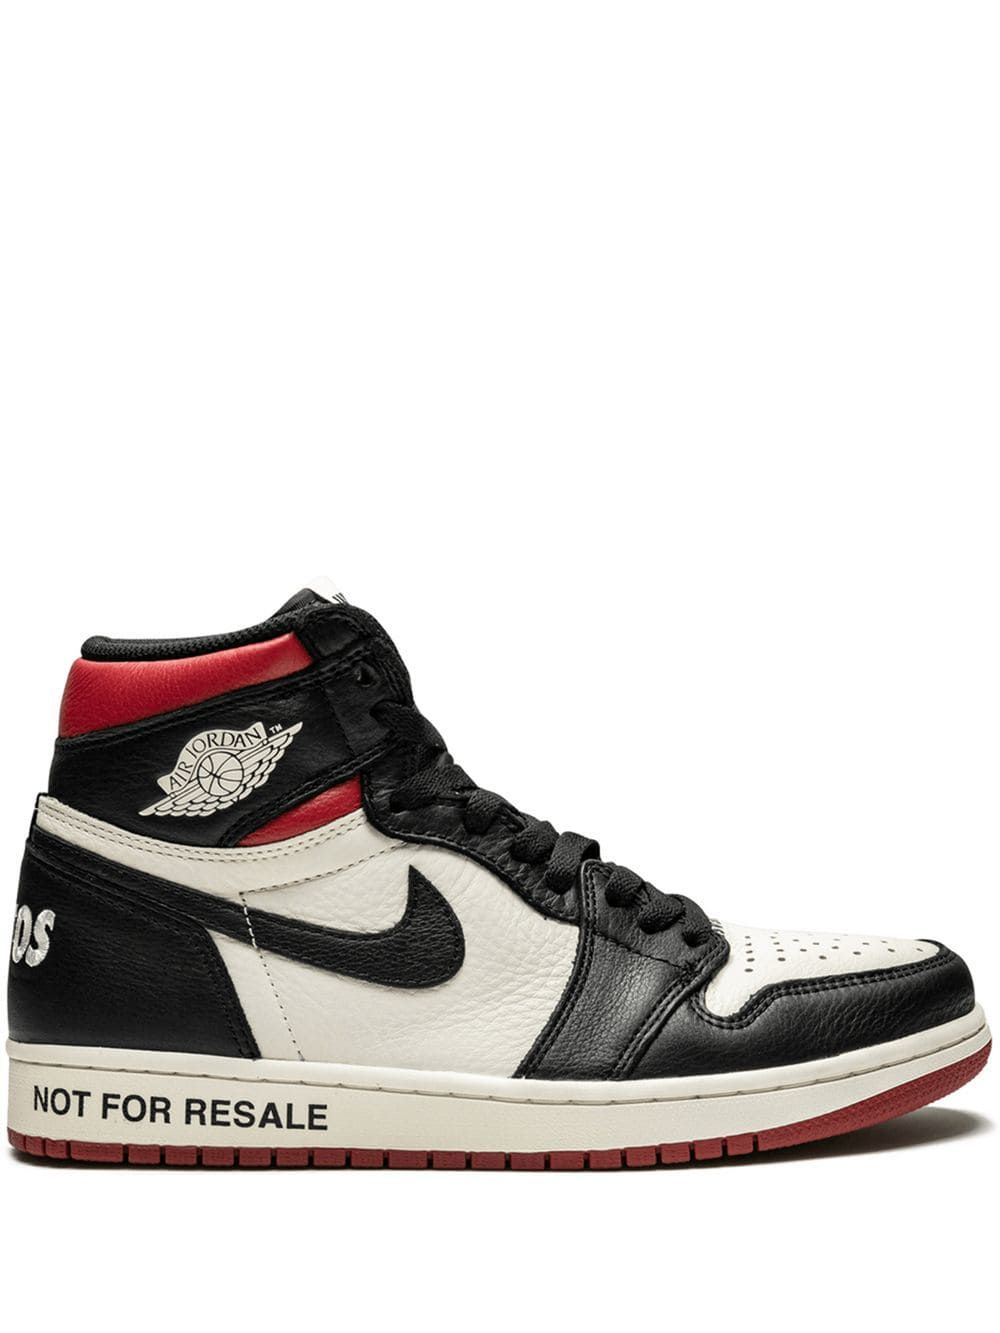 Air Jordan 1 Retro High Og Nrg In Black White With Images